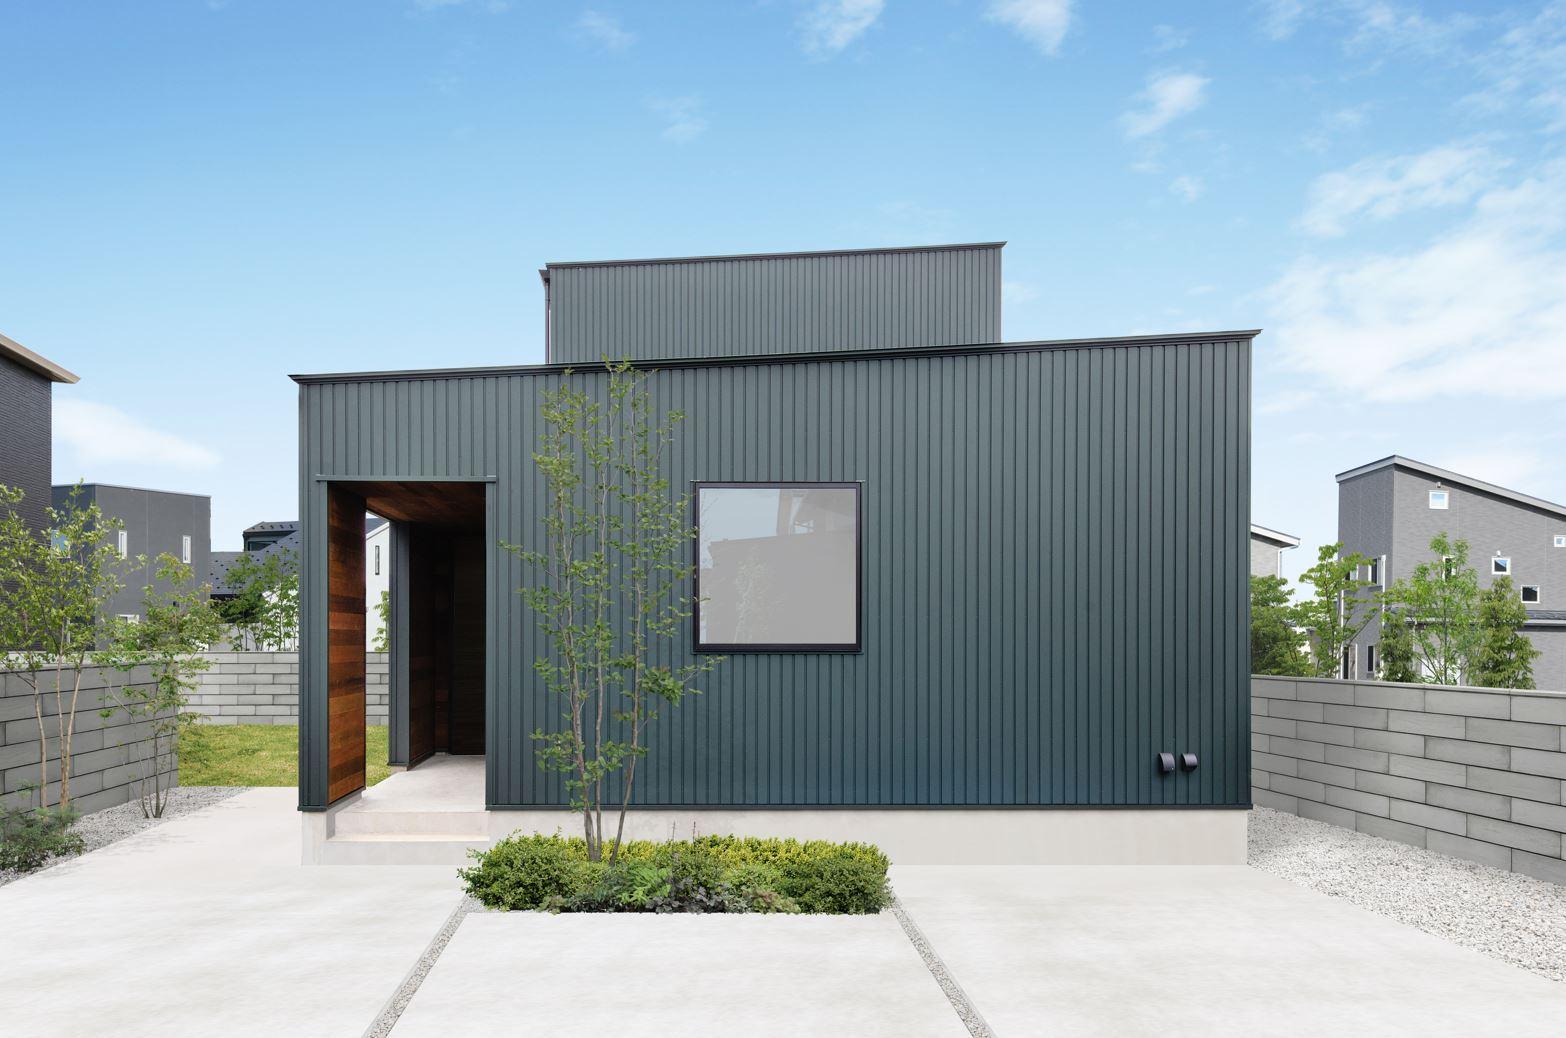 S.CONNECT(エスコネクト)【デザイン住宅、省エネ、建築家】外壁はガルバリウム鋼板を採用。軽いので家自体への負担も少ない